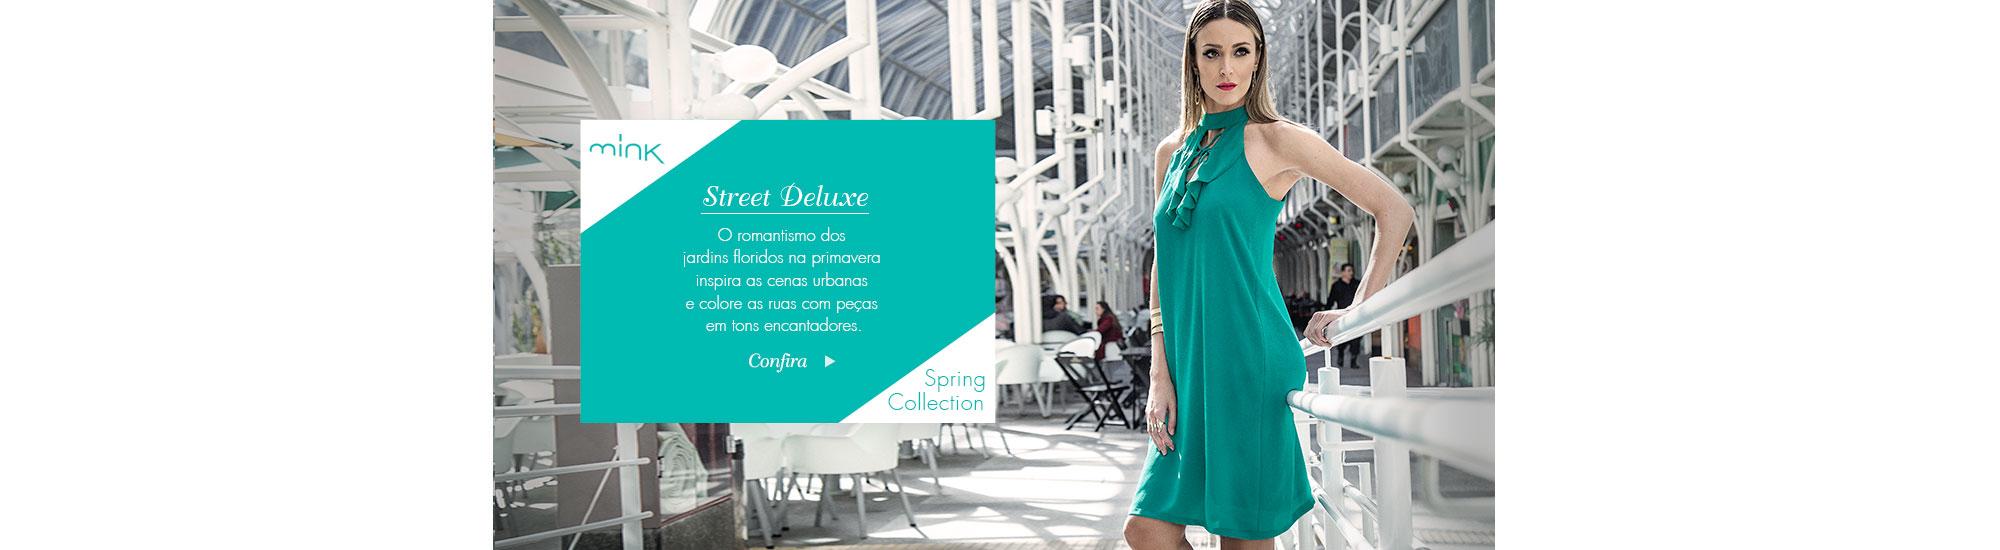 Street Deluxe